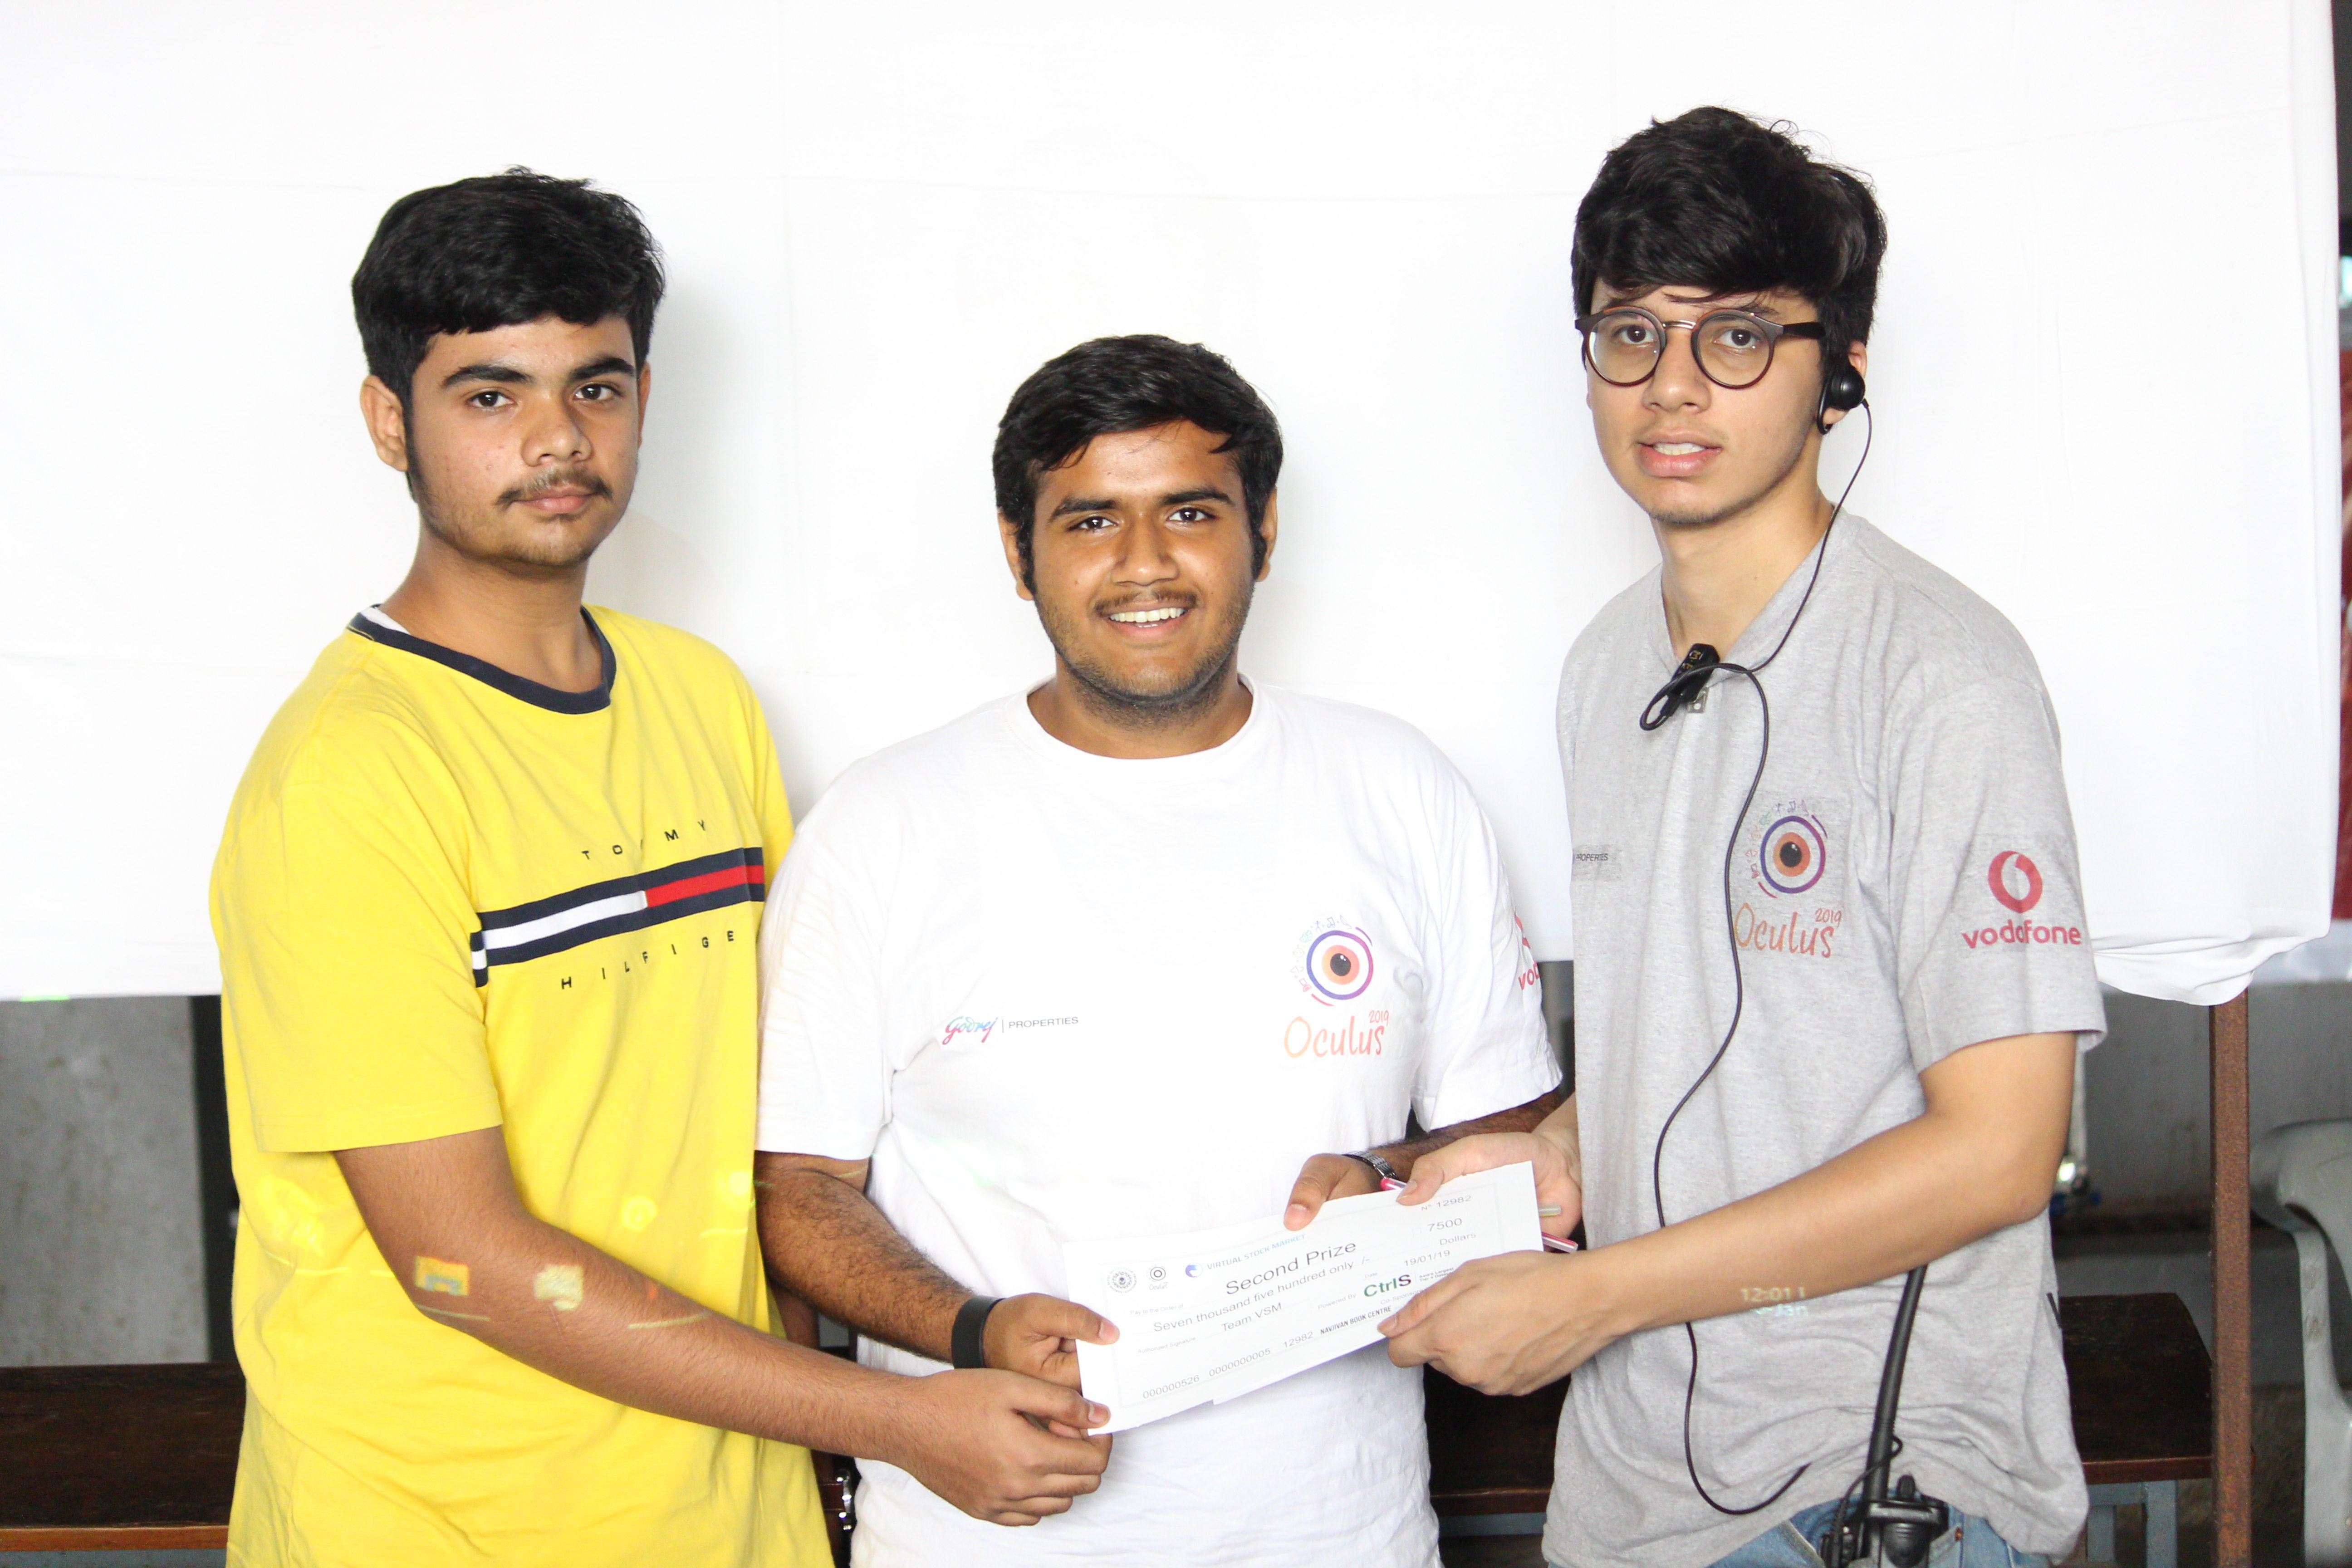 Winners of VSM